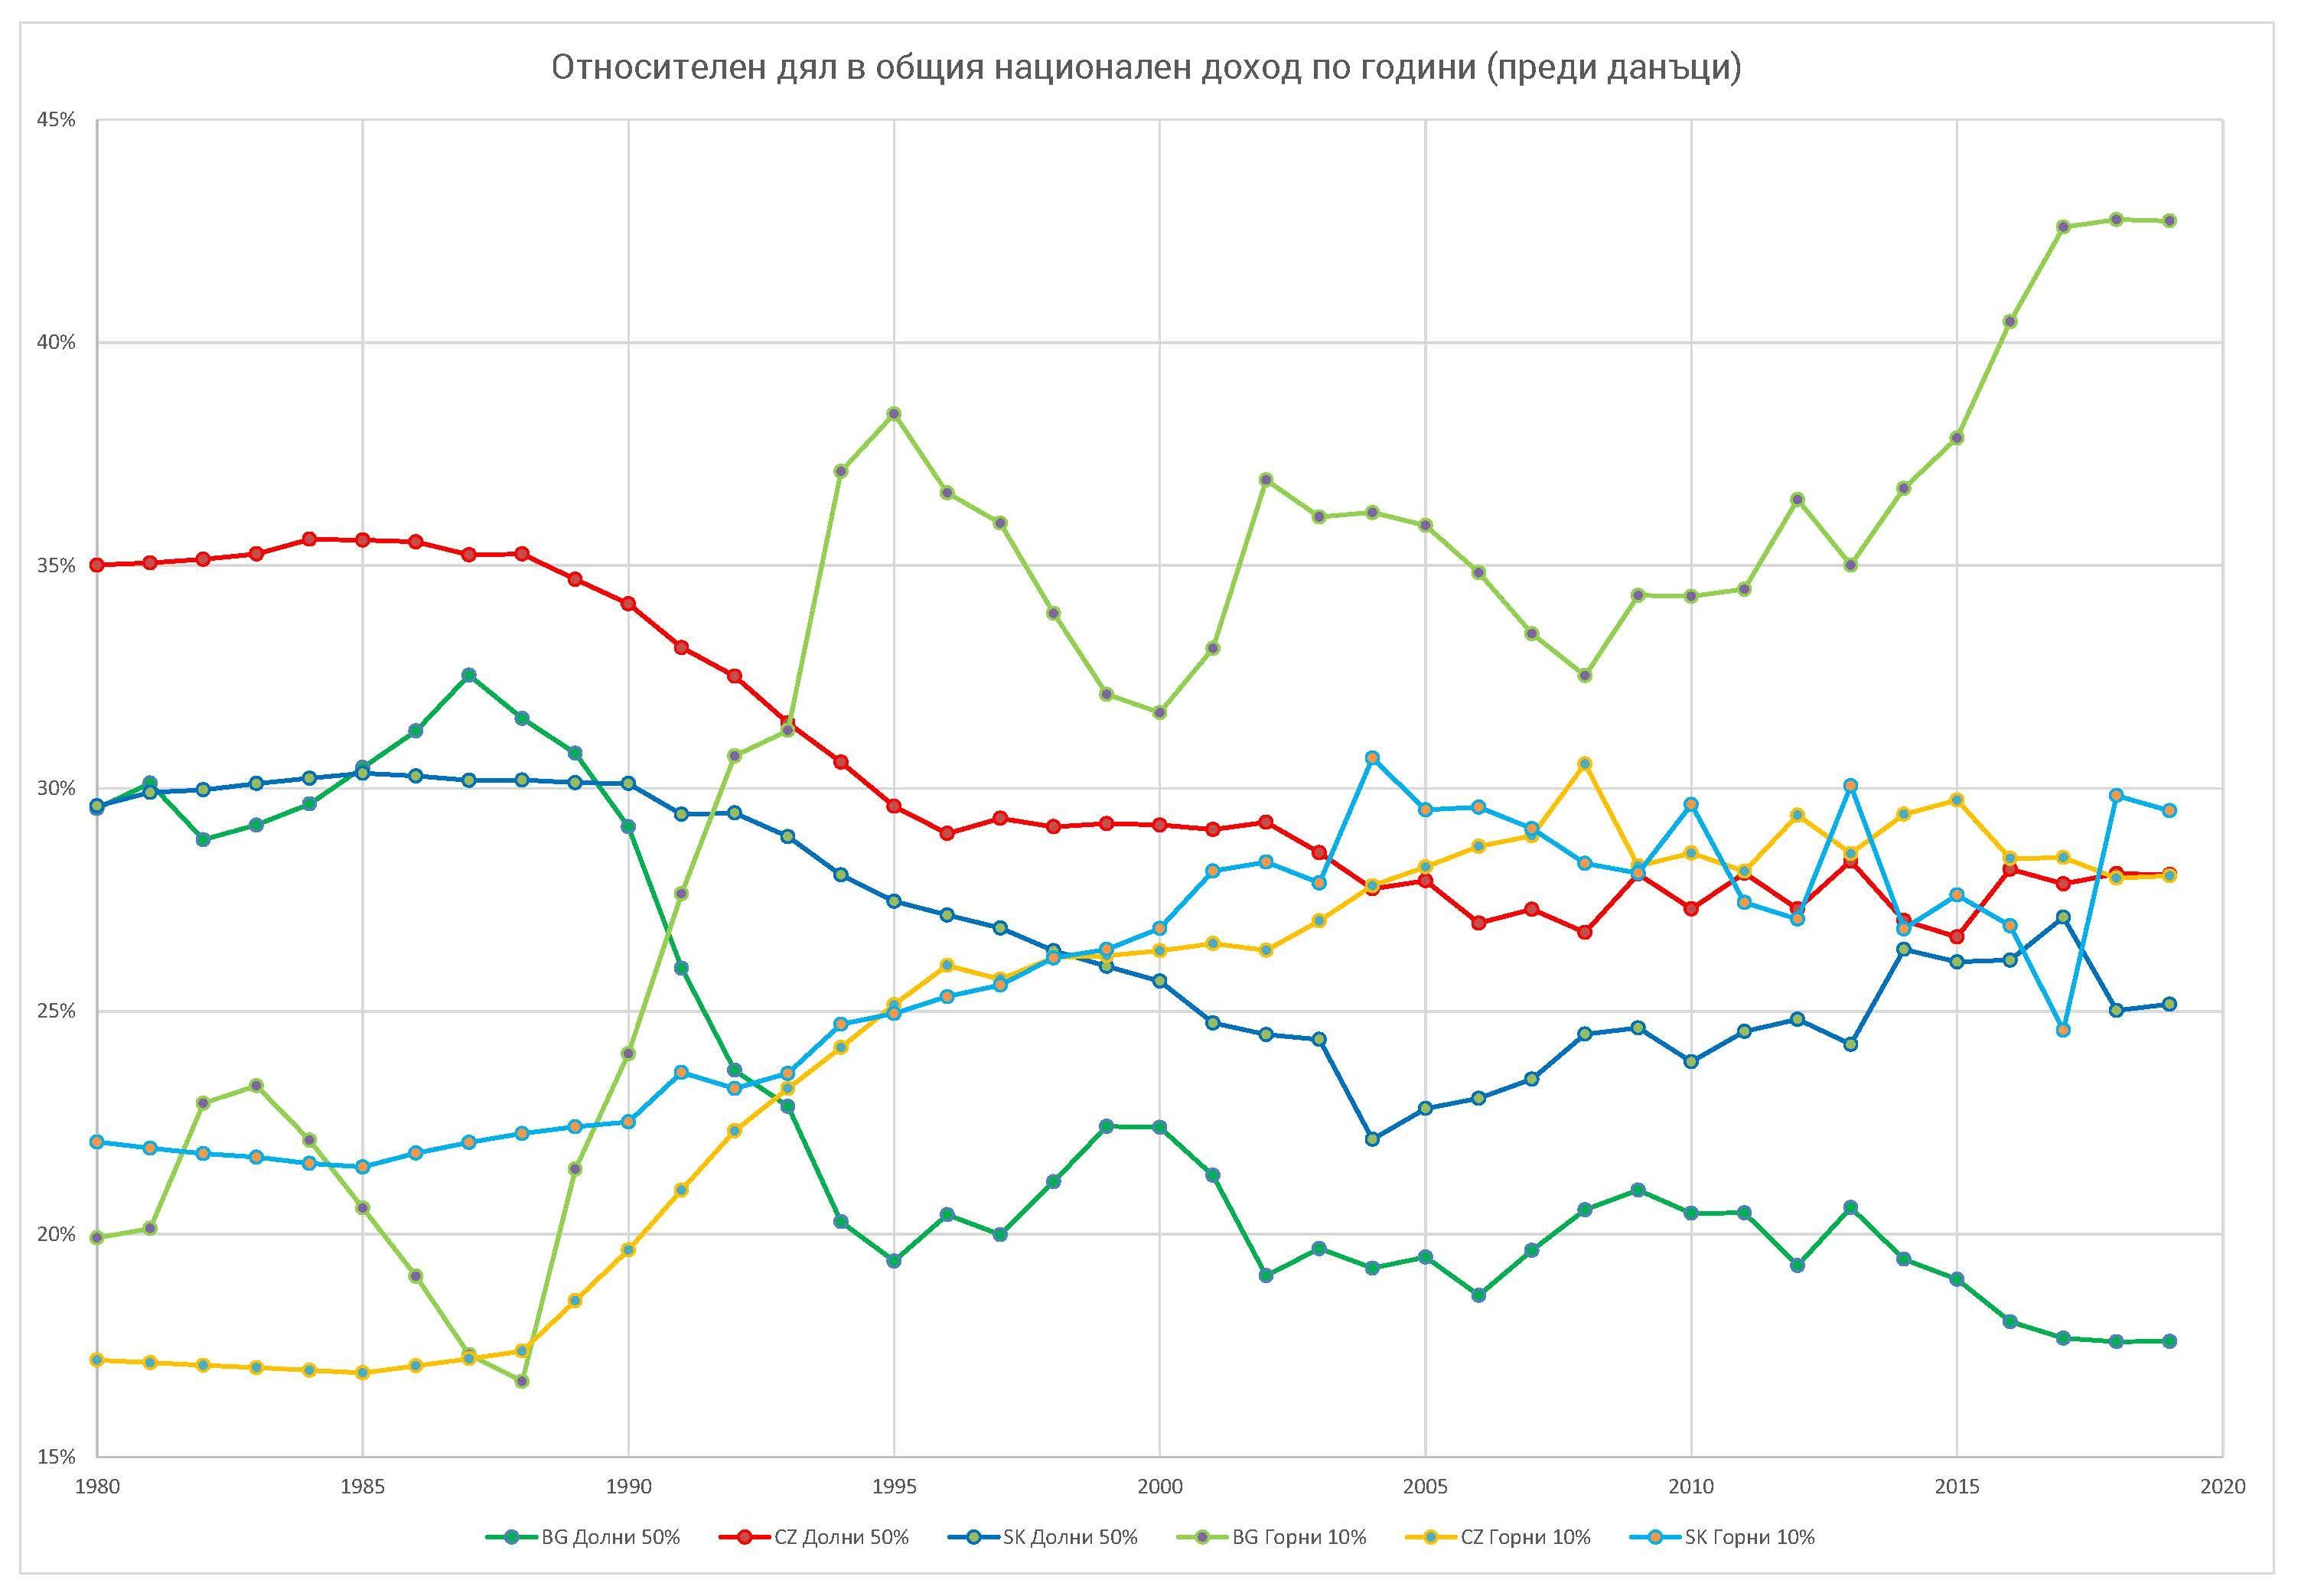 """Фиг. 1 – Процентен дял (преди данъци) в националния доход на """"бедните 50%"""" и """"богатите 10%"""" в България (BG), Чехия (CZ) и Словакия (SK) за периода 1980-2019 г.; Източник: WID"""